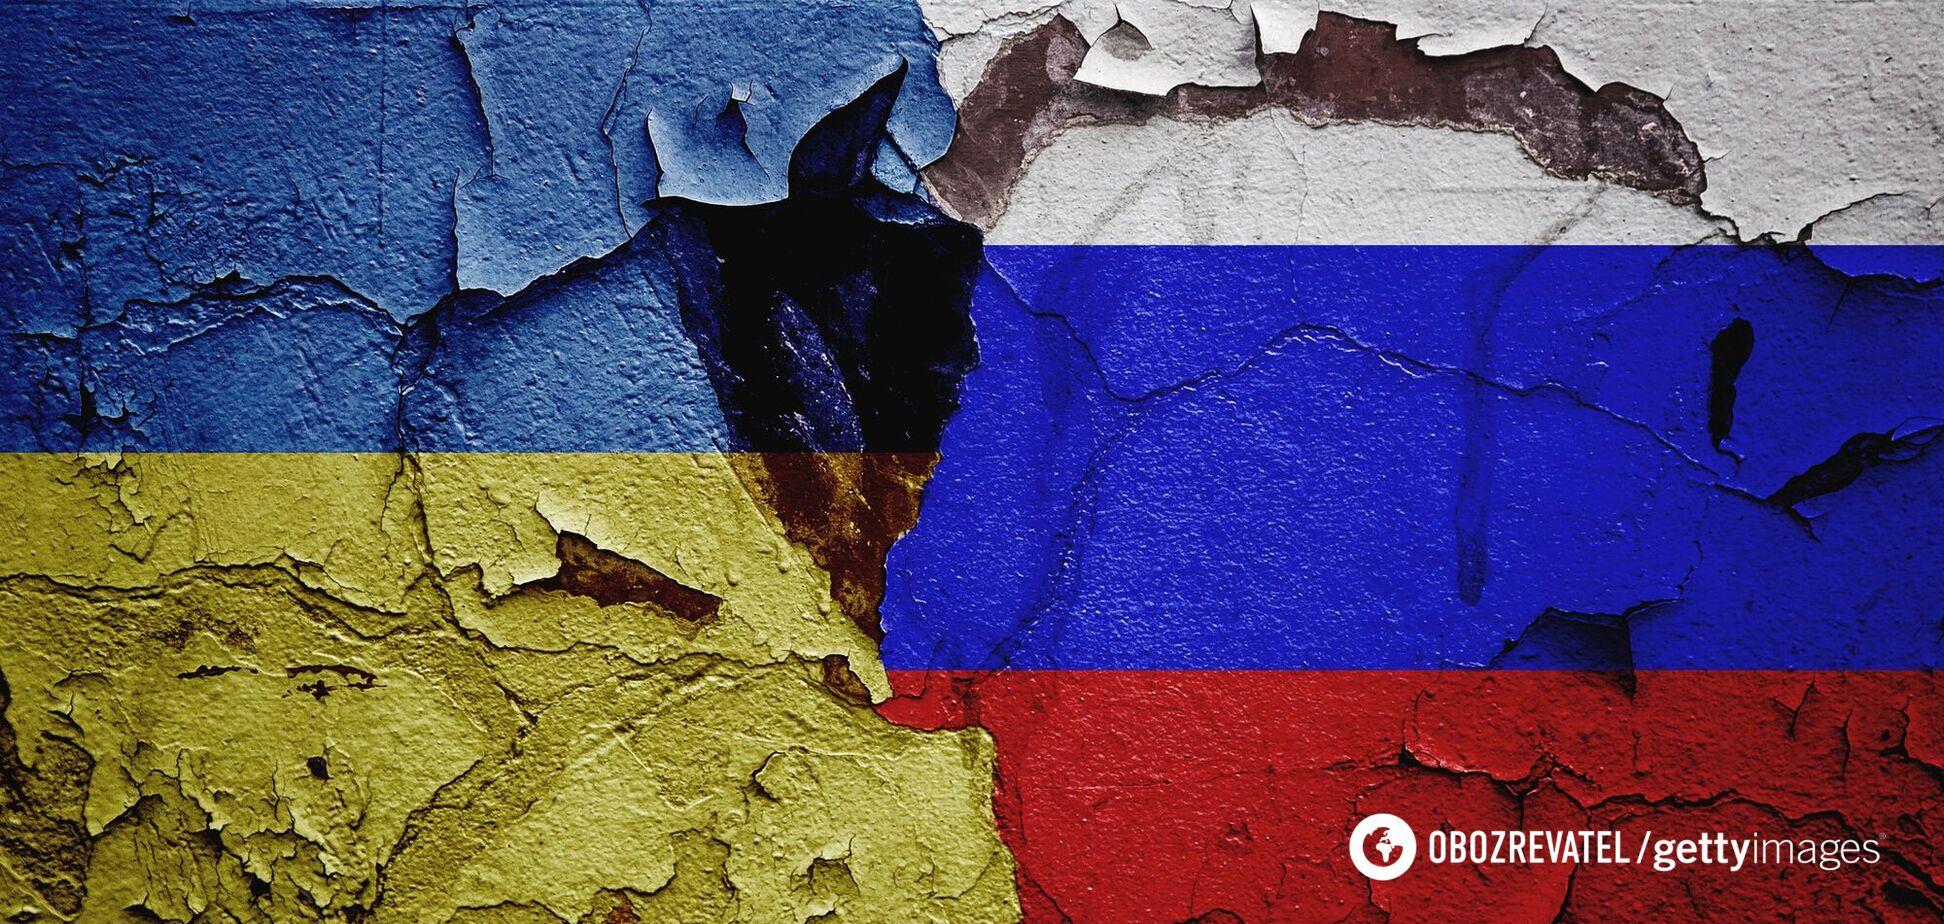 Переговори по Донбасу: банка варення для ''Слуги народу'' в обмін на капітуляцію